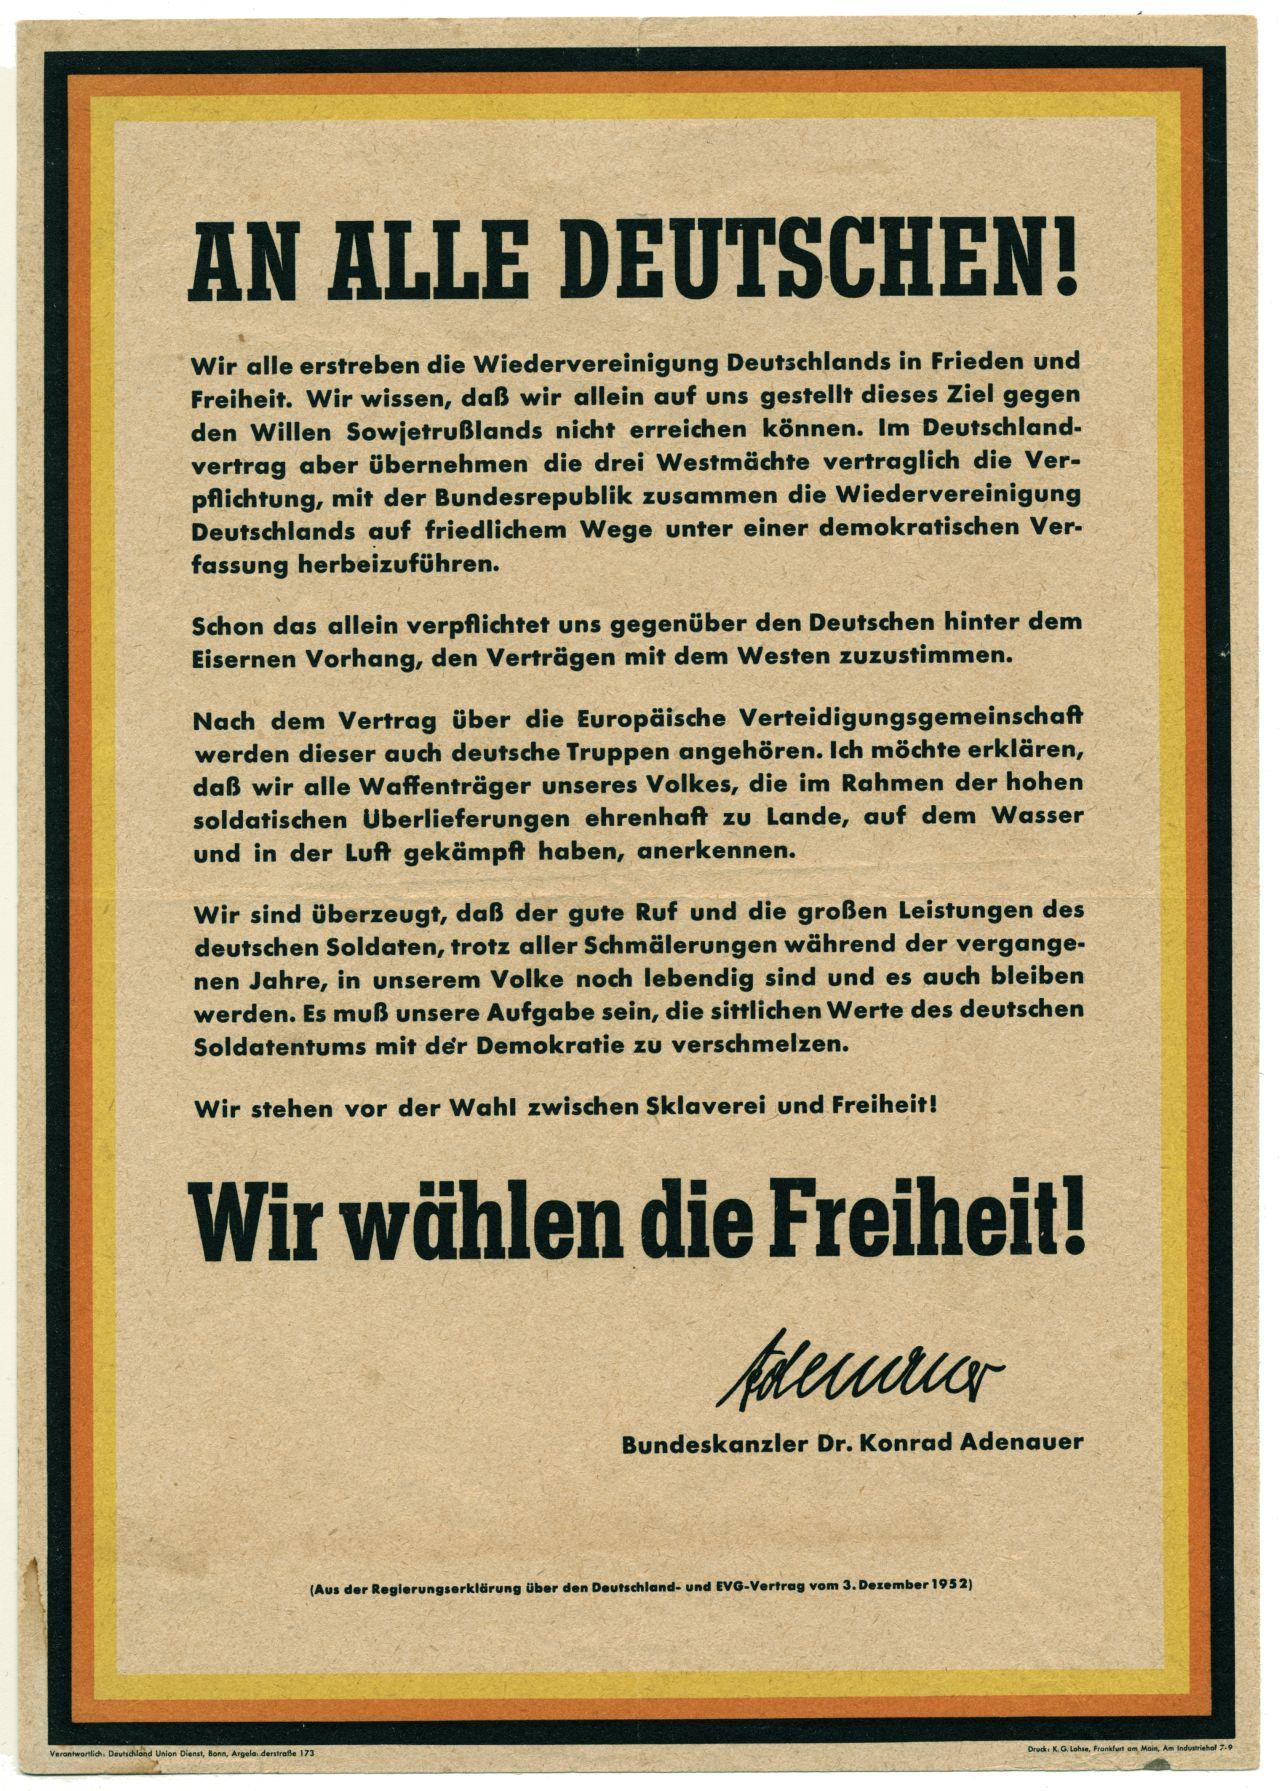 LeMO Bestandsuche - deutsche Wiedervereinigung